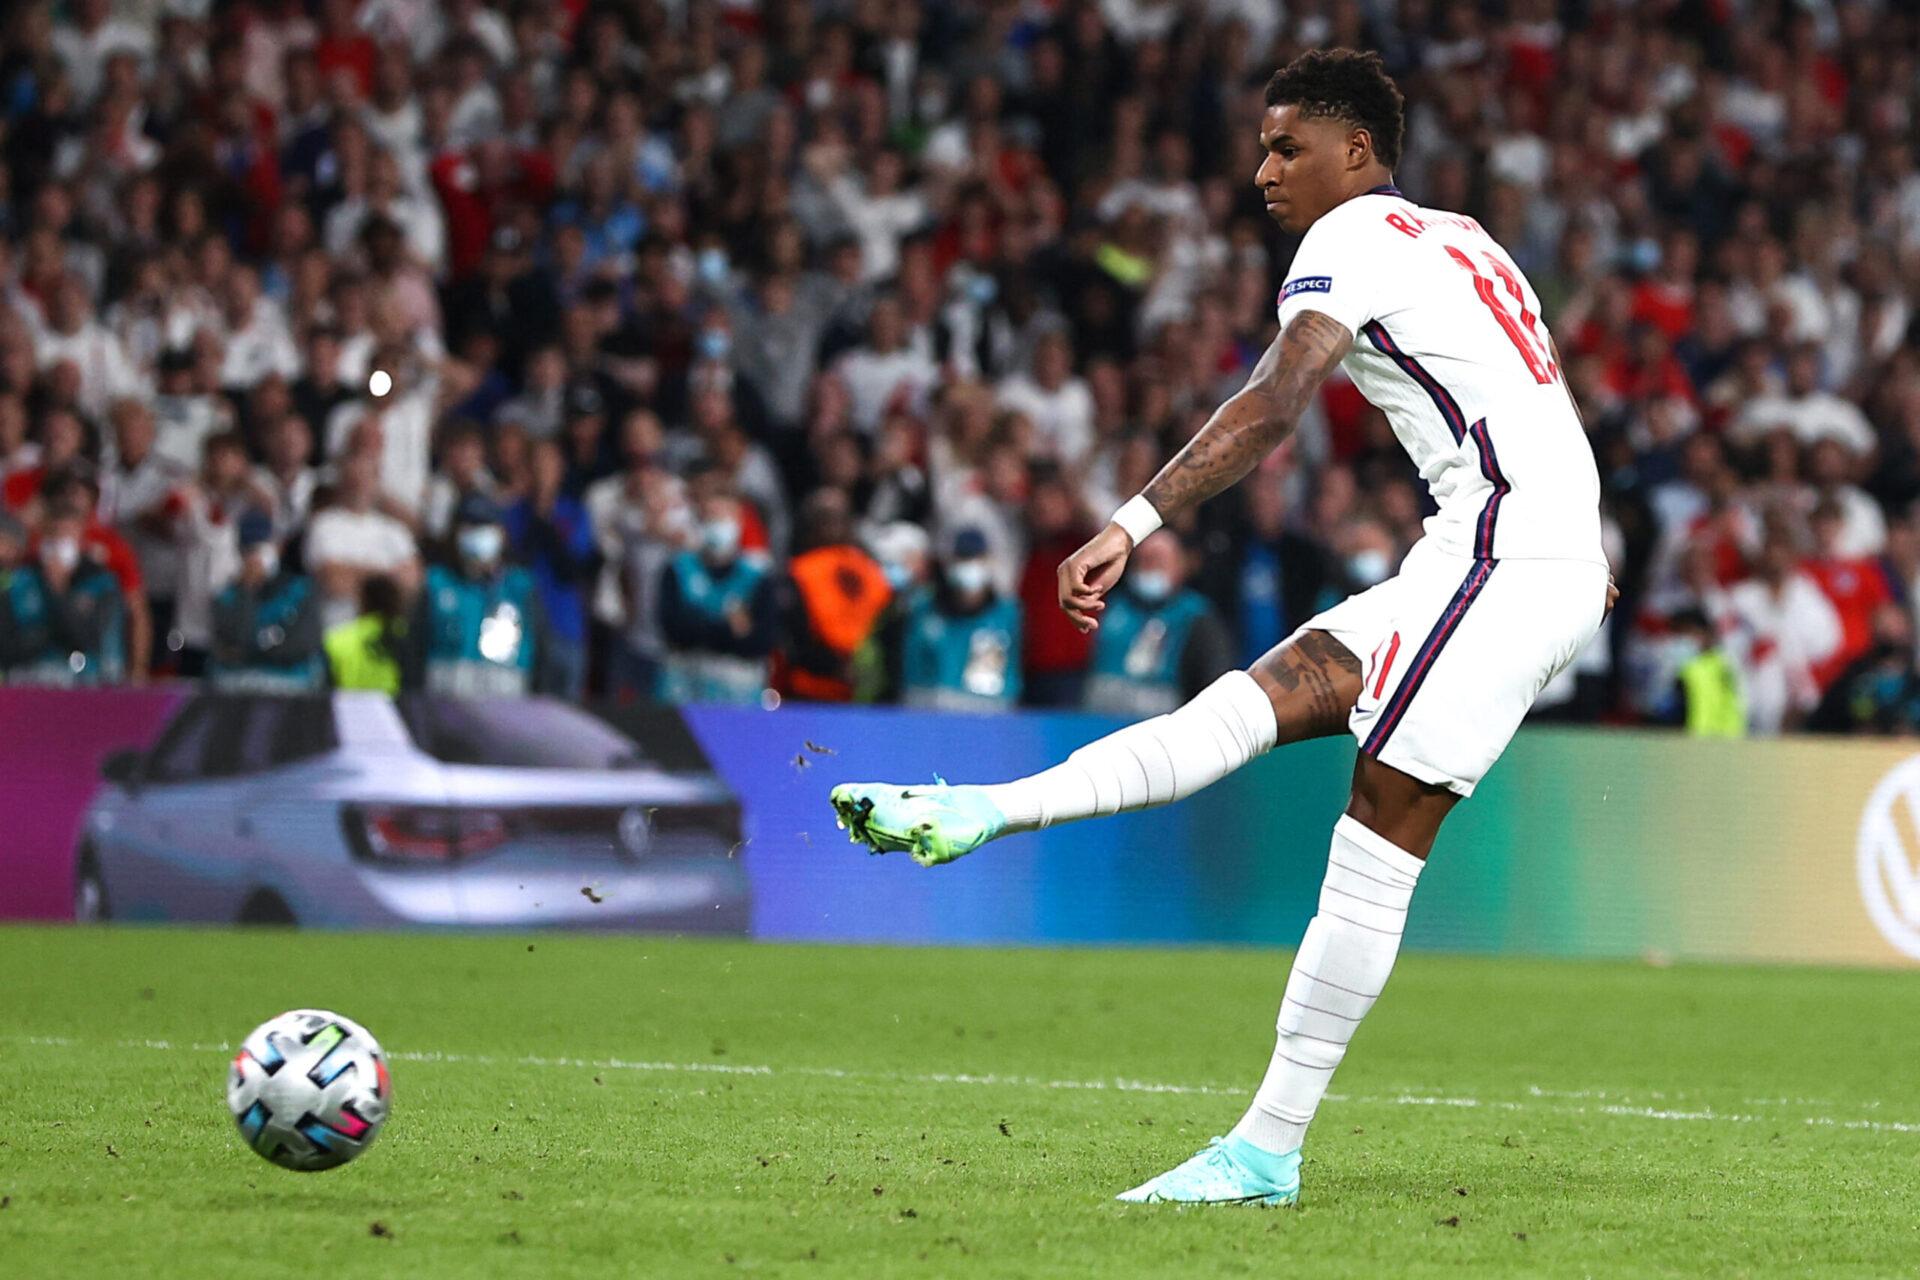 Marcus Rashford a raté son tir au but face à Gianluigi Donnarumma en finale de l'Euro 2020 (iconsport)